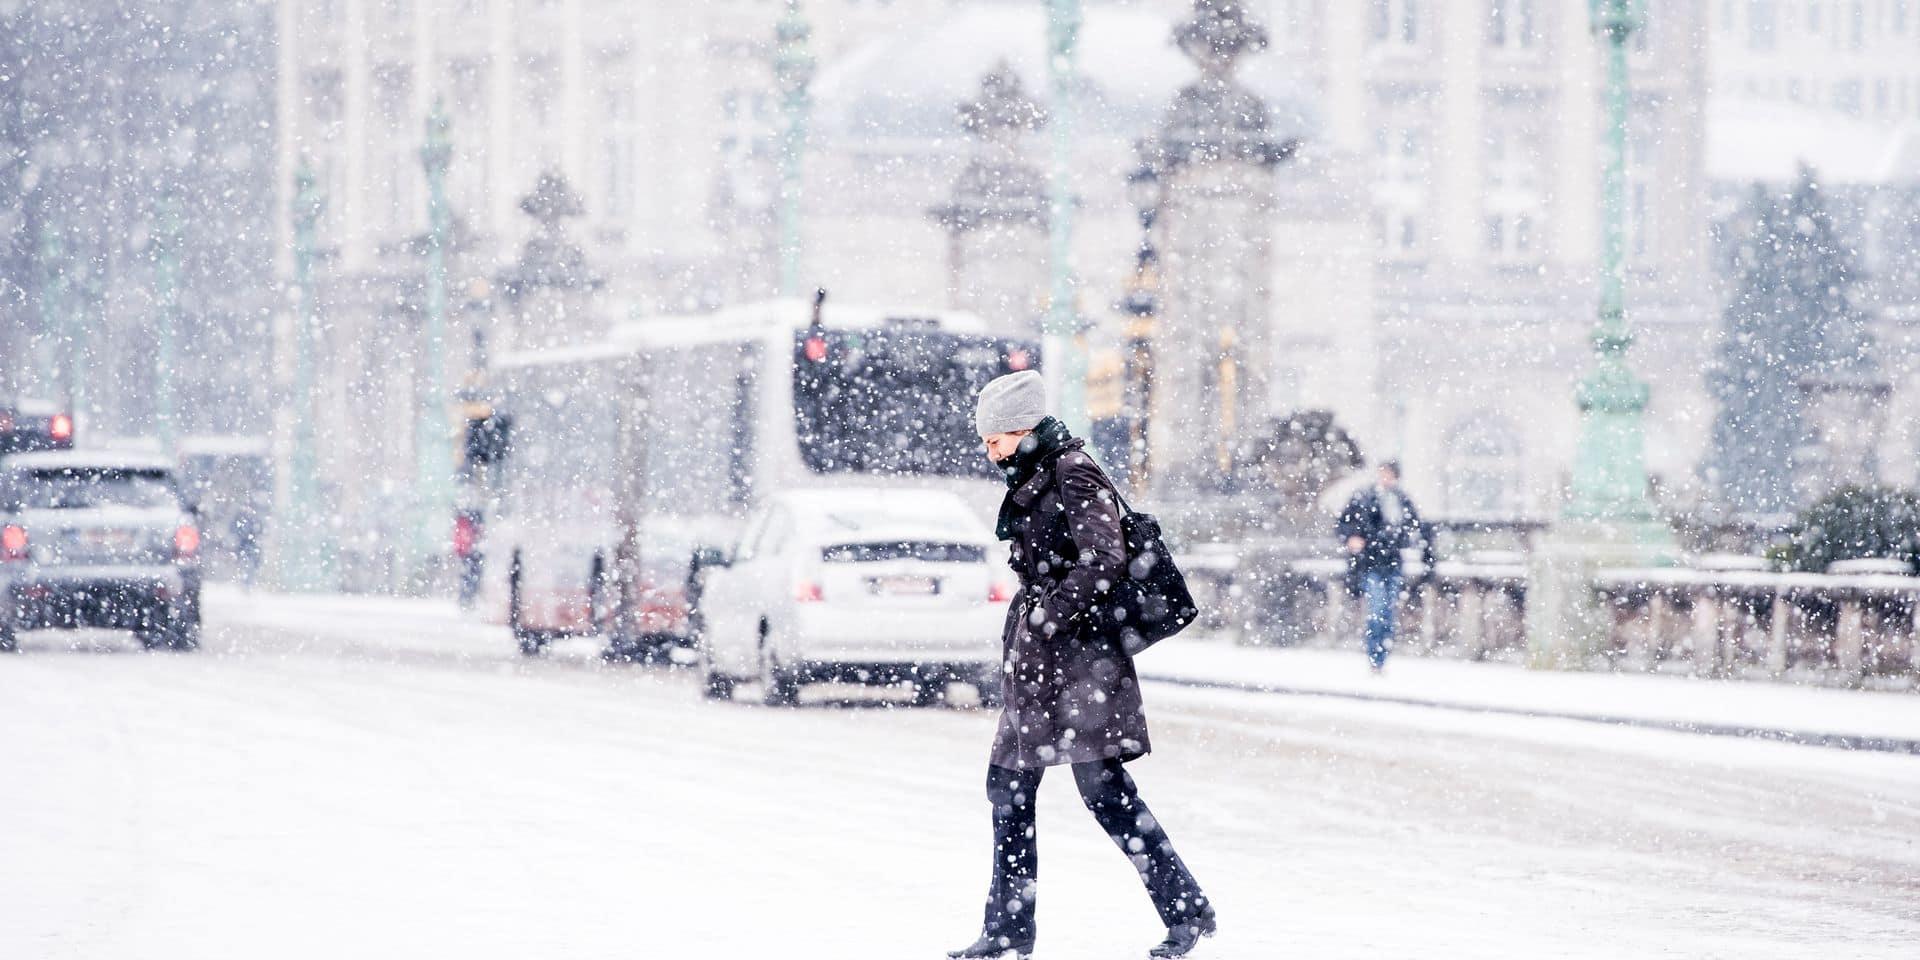 Le vortex polaire débarque bientôt en Belgique: tout ce qu'il faut savoir